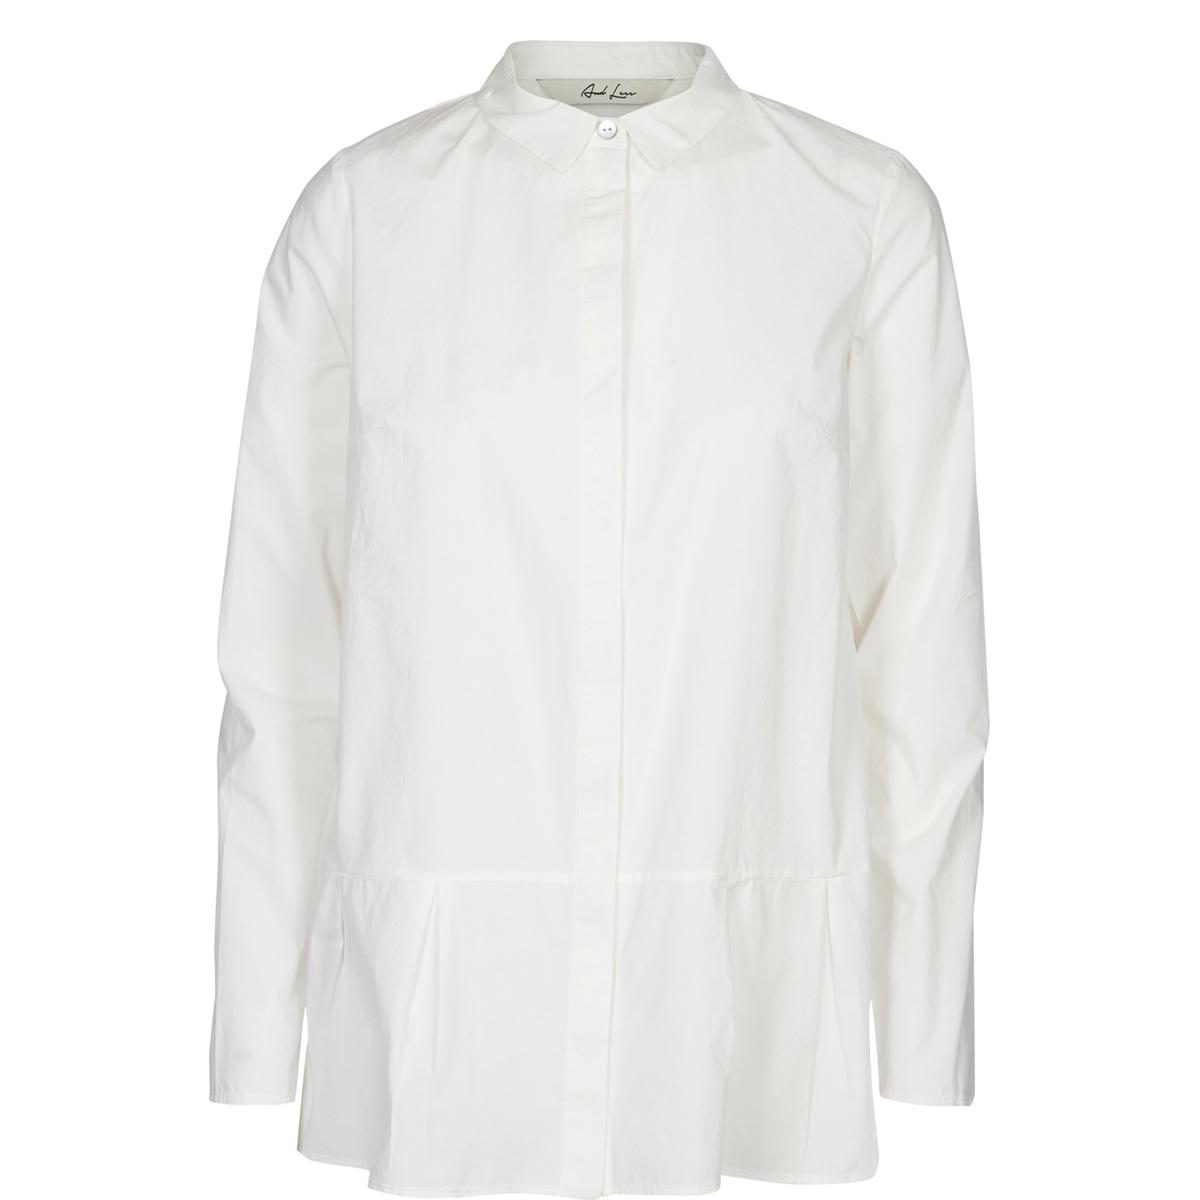 Рубашка ArgenteuilСостав и описаниеМарка : AND LESSМодель : ArgenteuilМатериалы : 100% хлопка.УходСтирка при 30°C с одеждой подобных цветов  Гладить на средней температуре.<br><br>Цвет: белый<br>Размер: 36 (FR) - 42 (RUS)